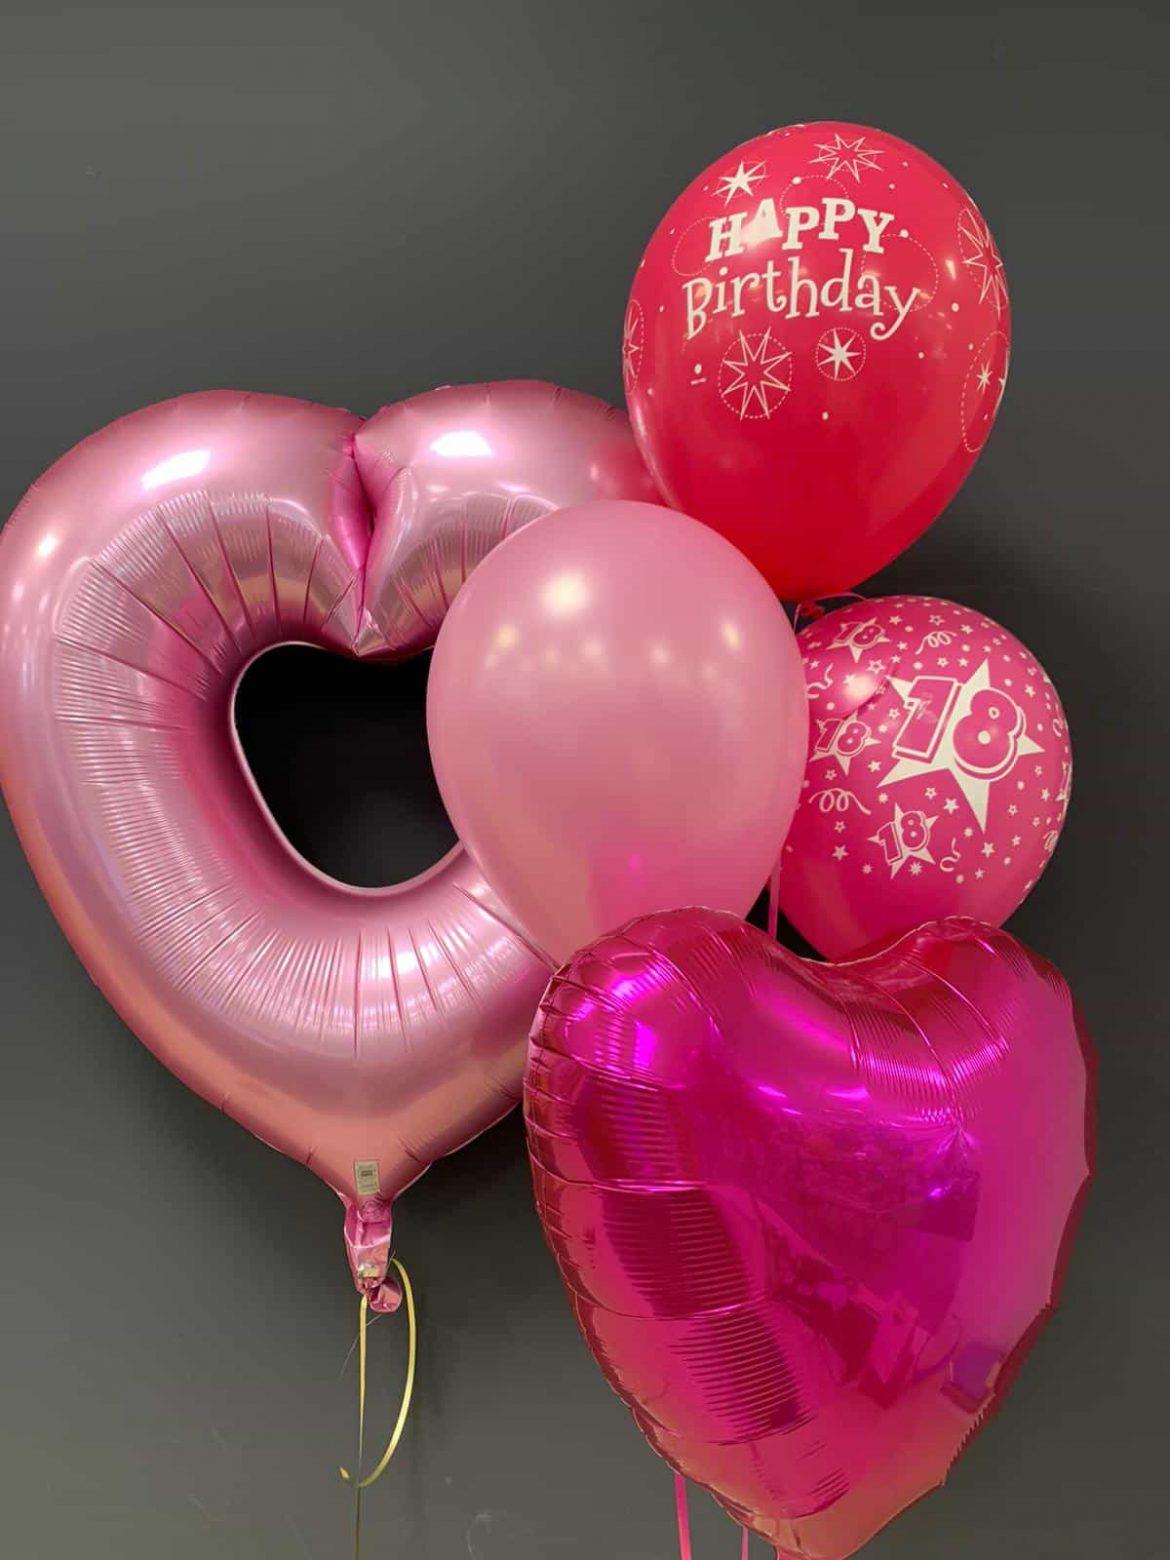 Grosses Herz € 7,90 <br /> Latexballons € 1,95 <br /> Dekoballon € 4,50 1